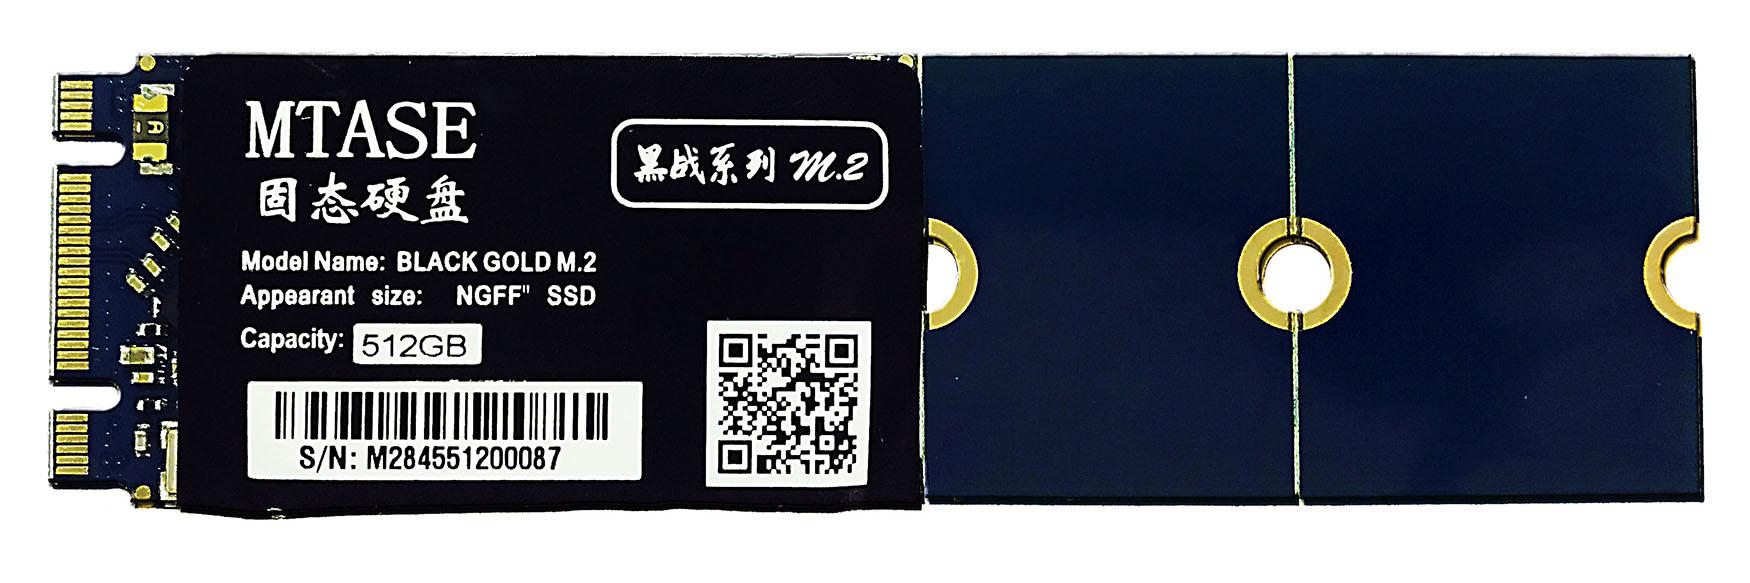 魅光黑战 M2硬盘512G